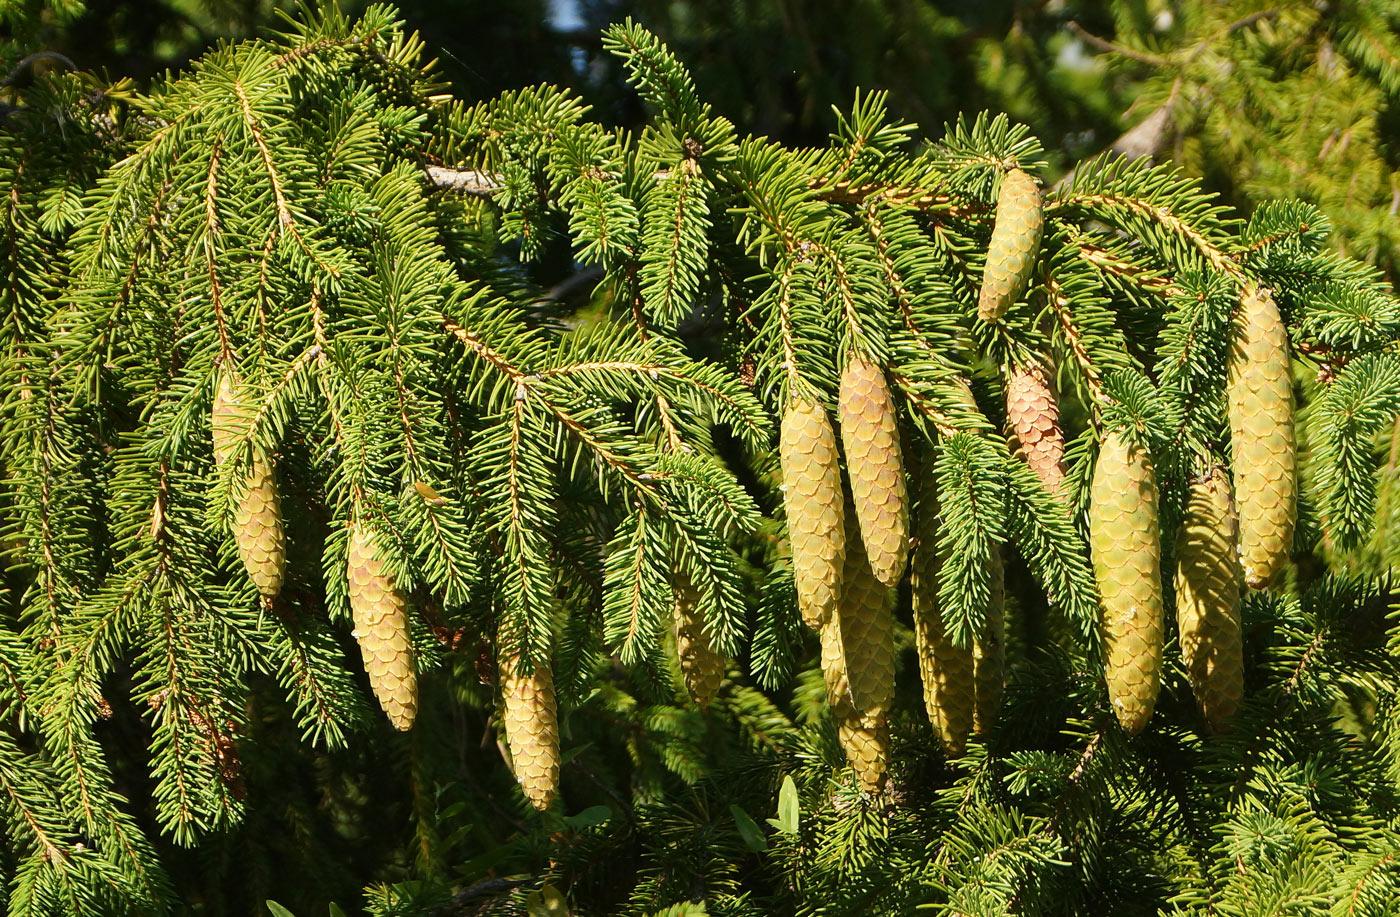 Ель - что это? дерево ель. хвойные деревья (фото)